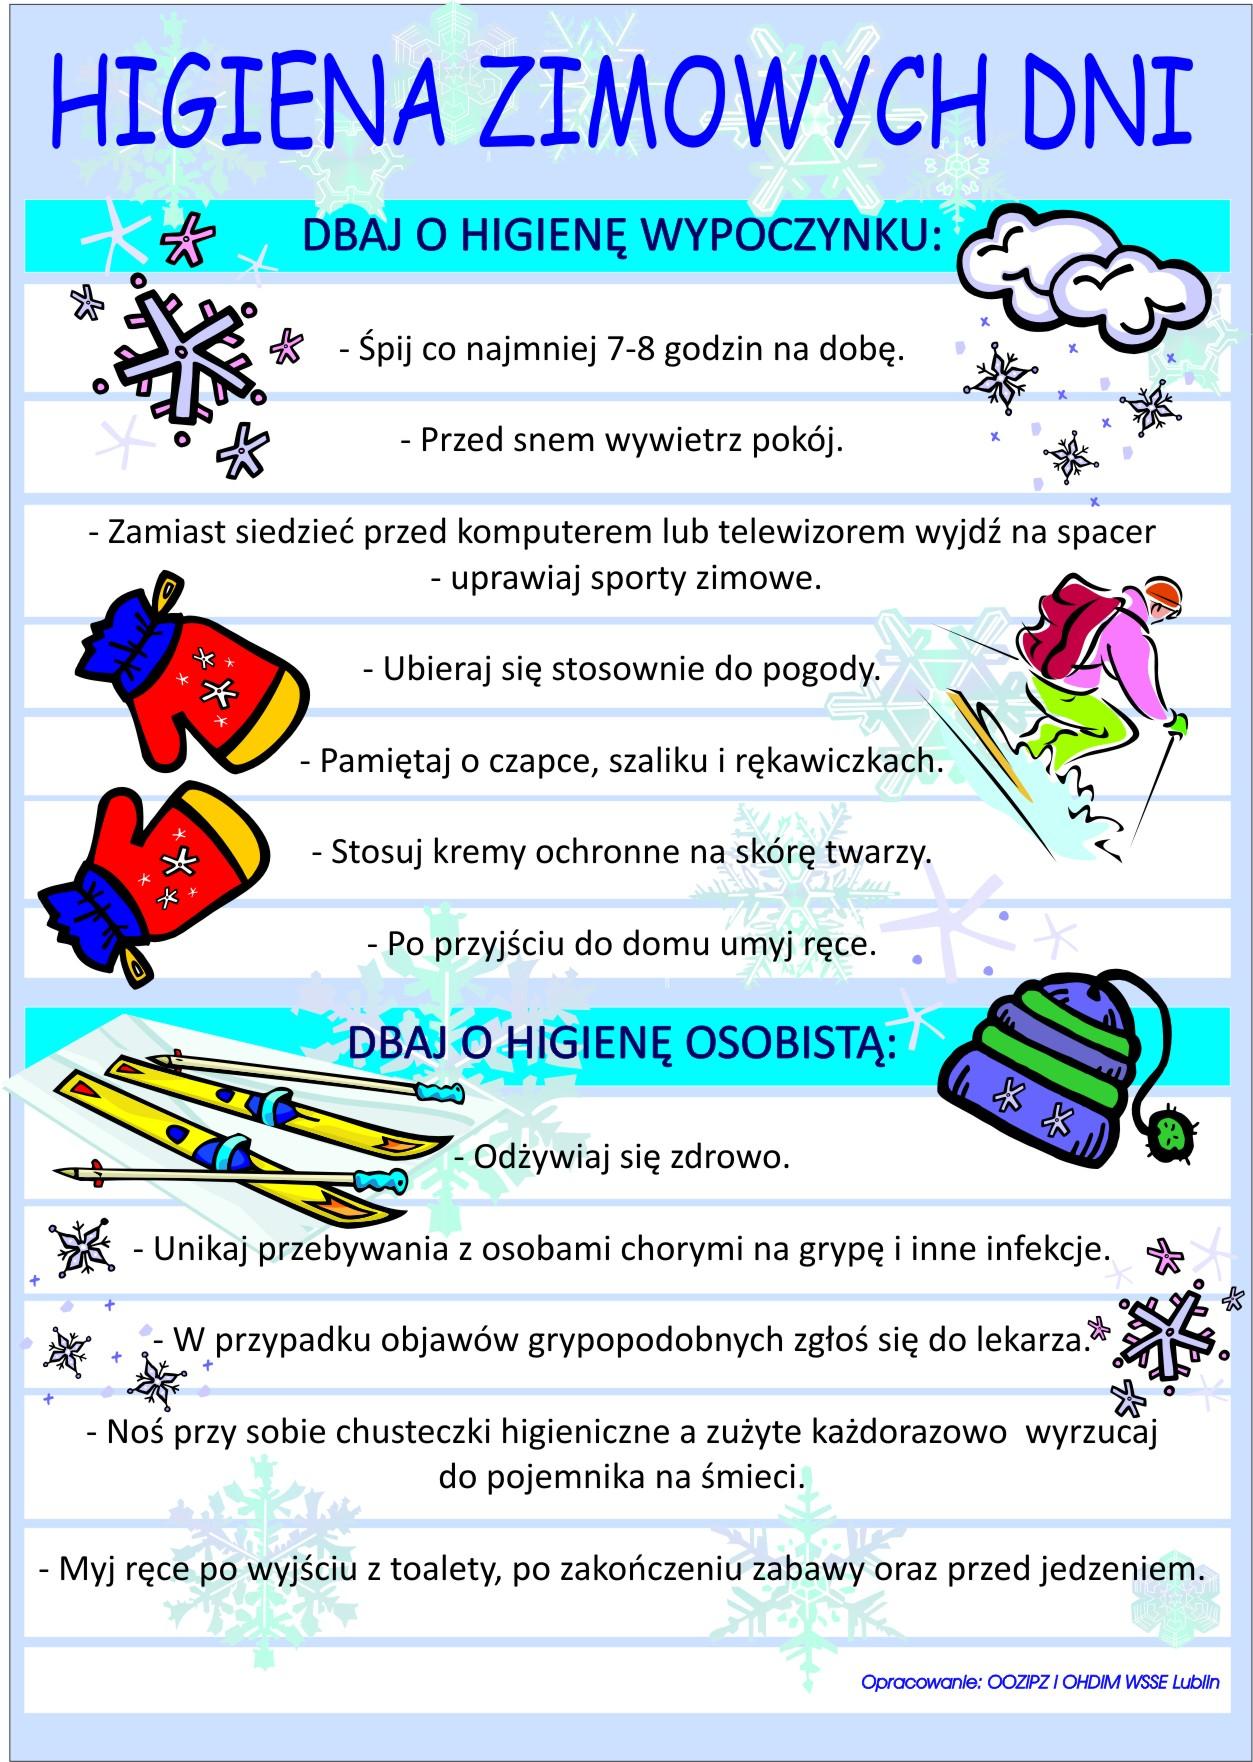 Znalezione obrazy dla zapytania higiena zimowych dni